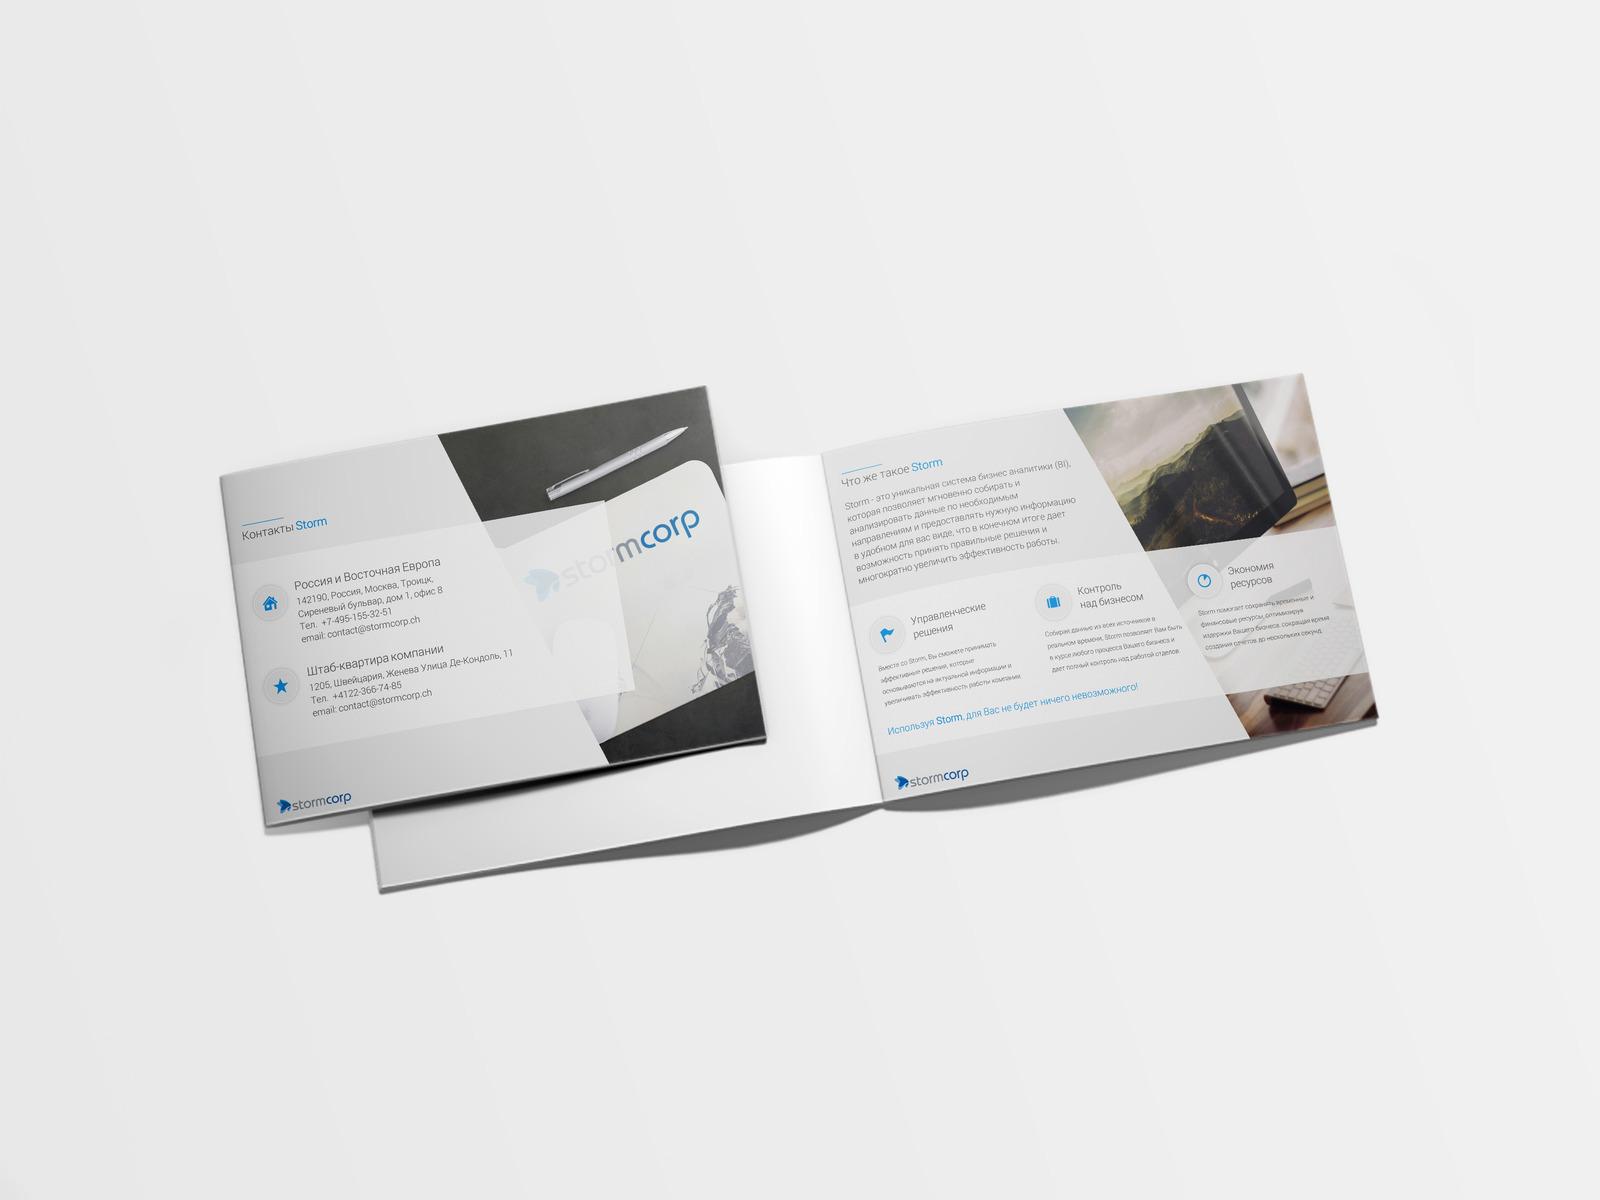 Разработка медиа-кита для StormCorp